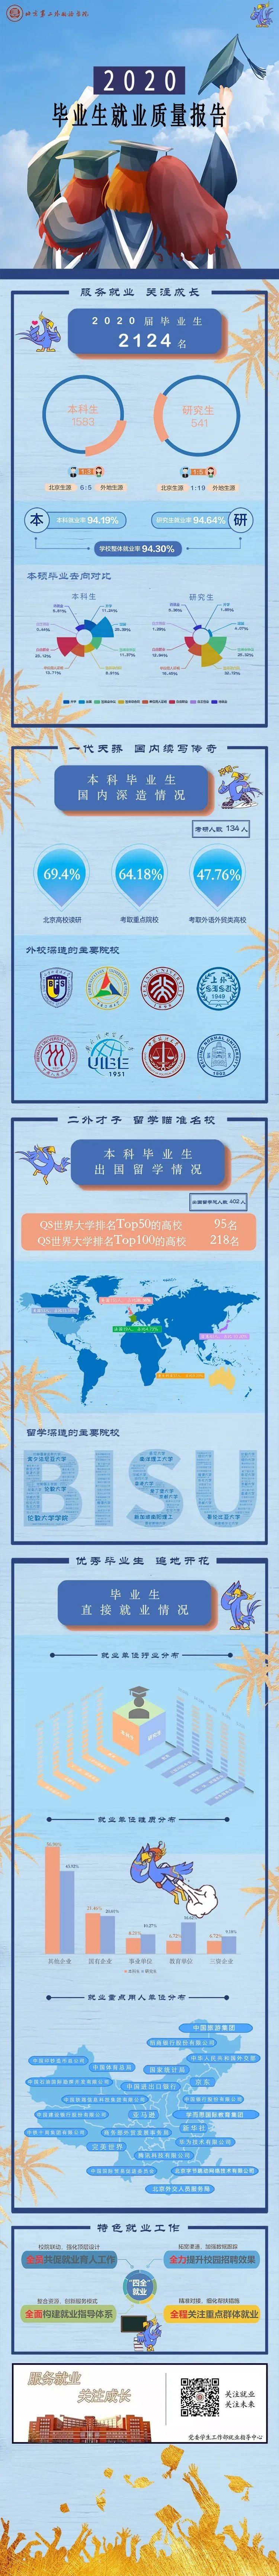 算上就业!北京外国语大学2020届毕业生就业质量报告